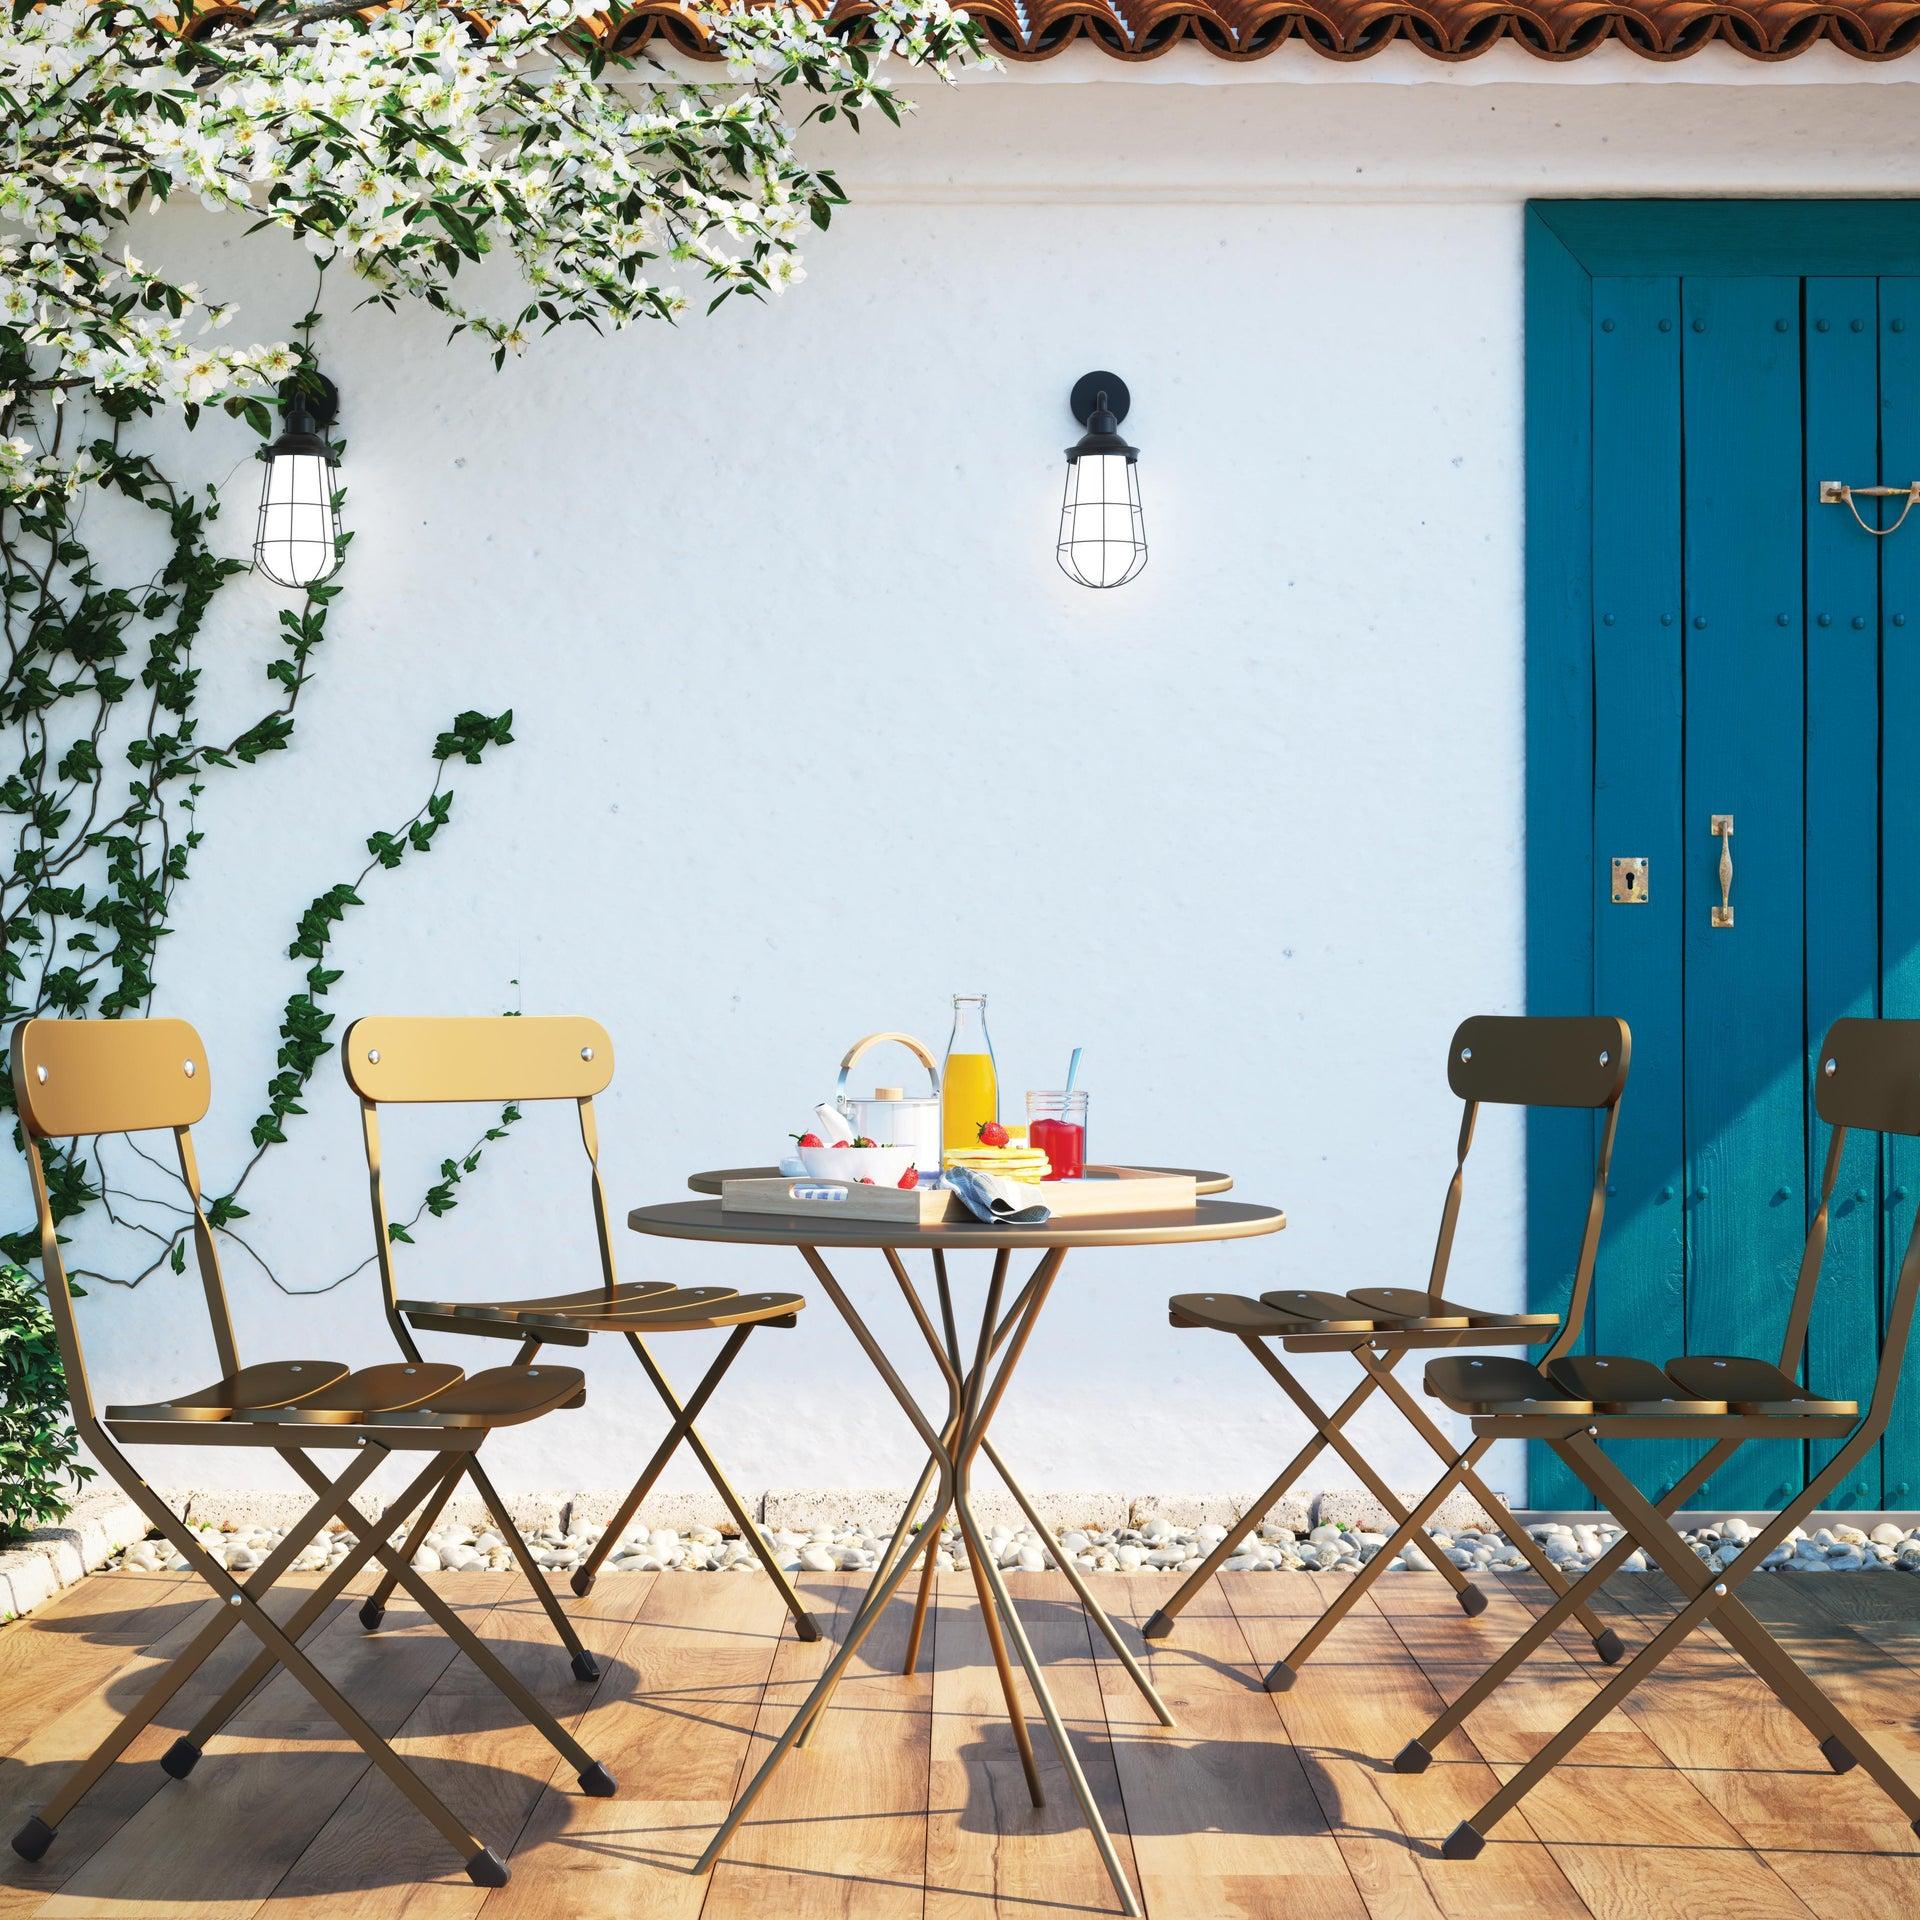 Sedia da giardino senza cuscino pieghevole Cassis colore antracite - 6